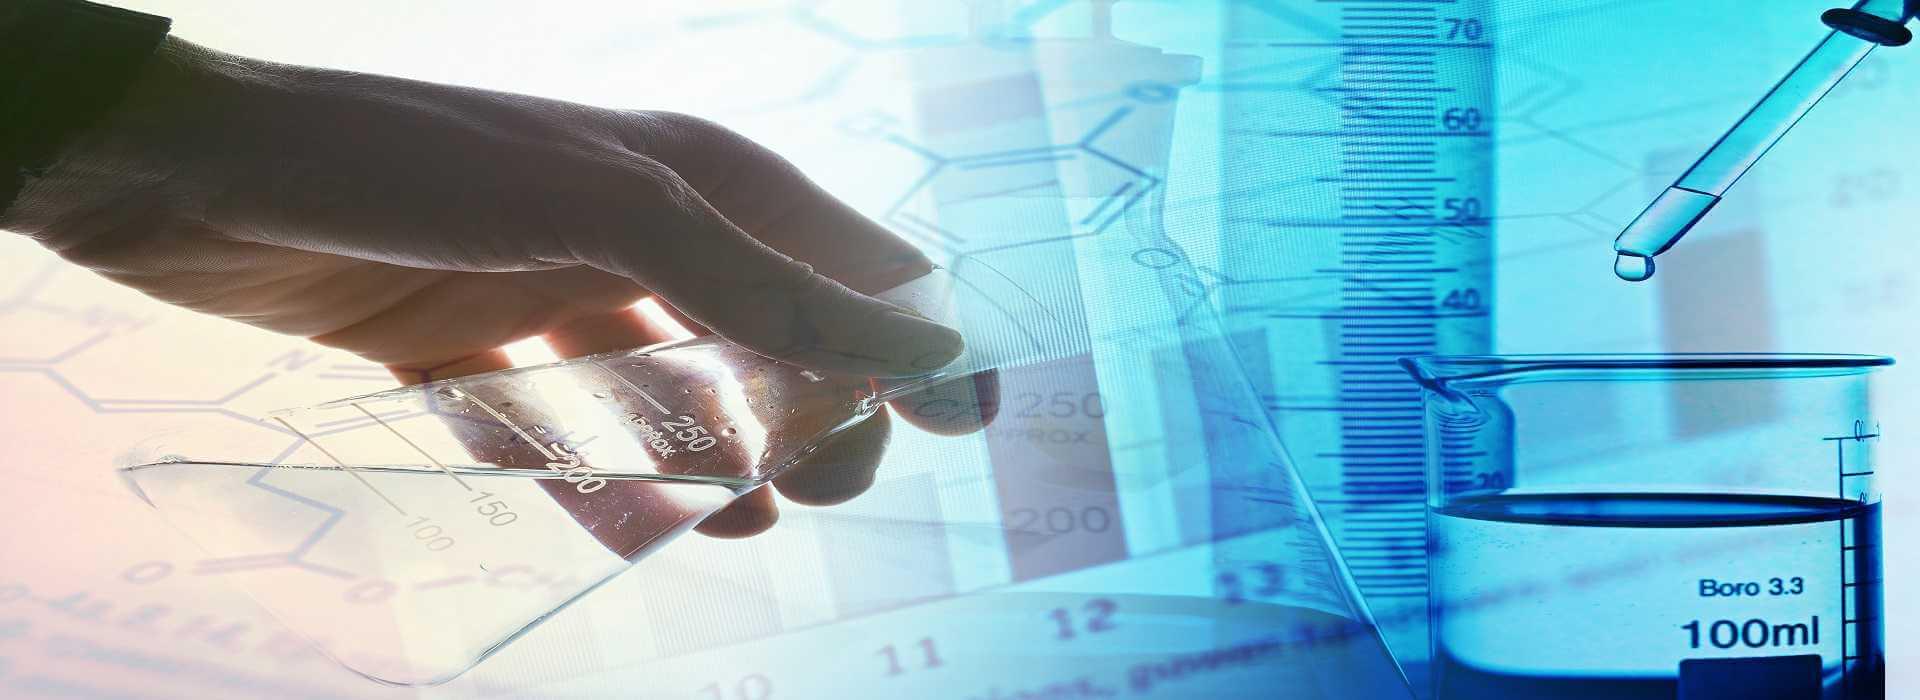 خرید-محیط-کشت-فروش-آنتی-بادی- فروش-کیت-تحقیقاتی